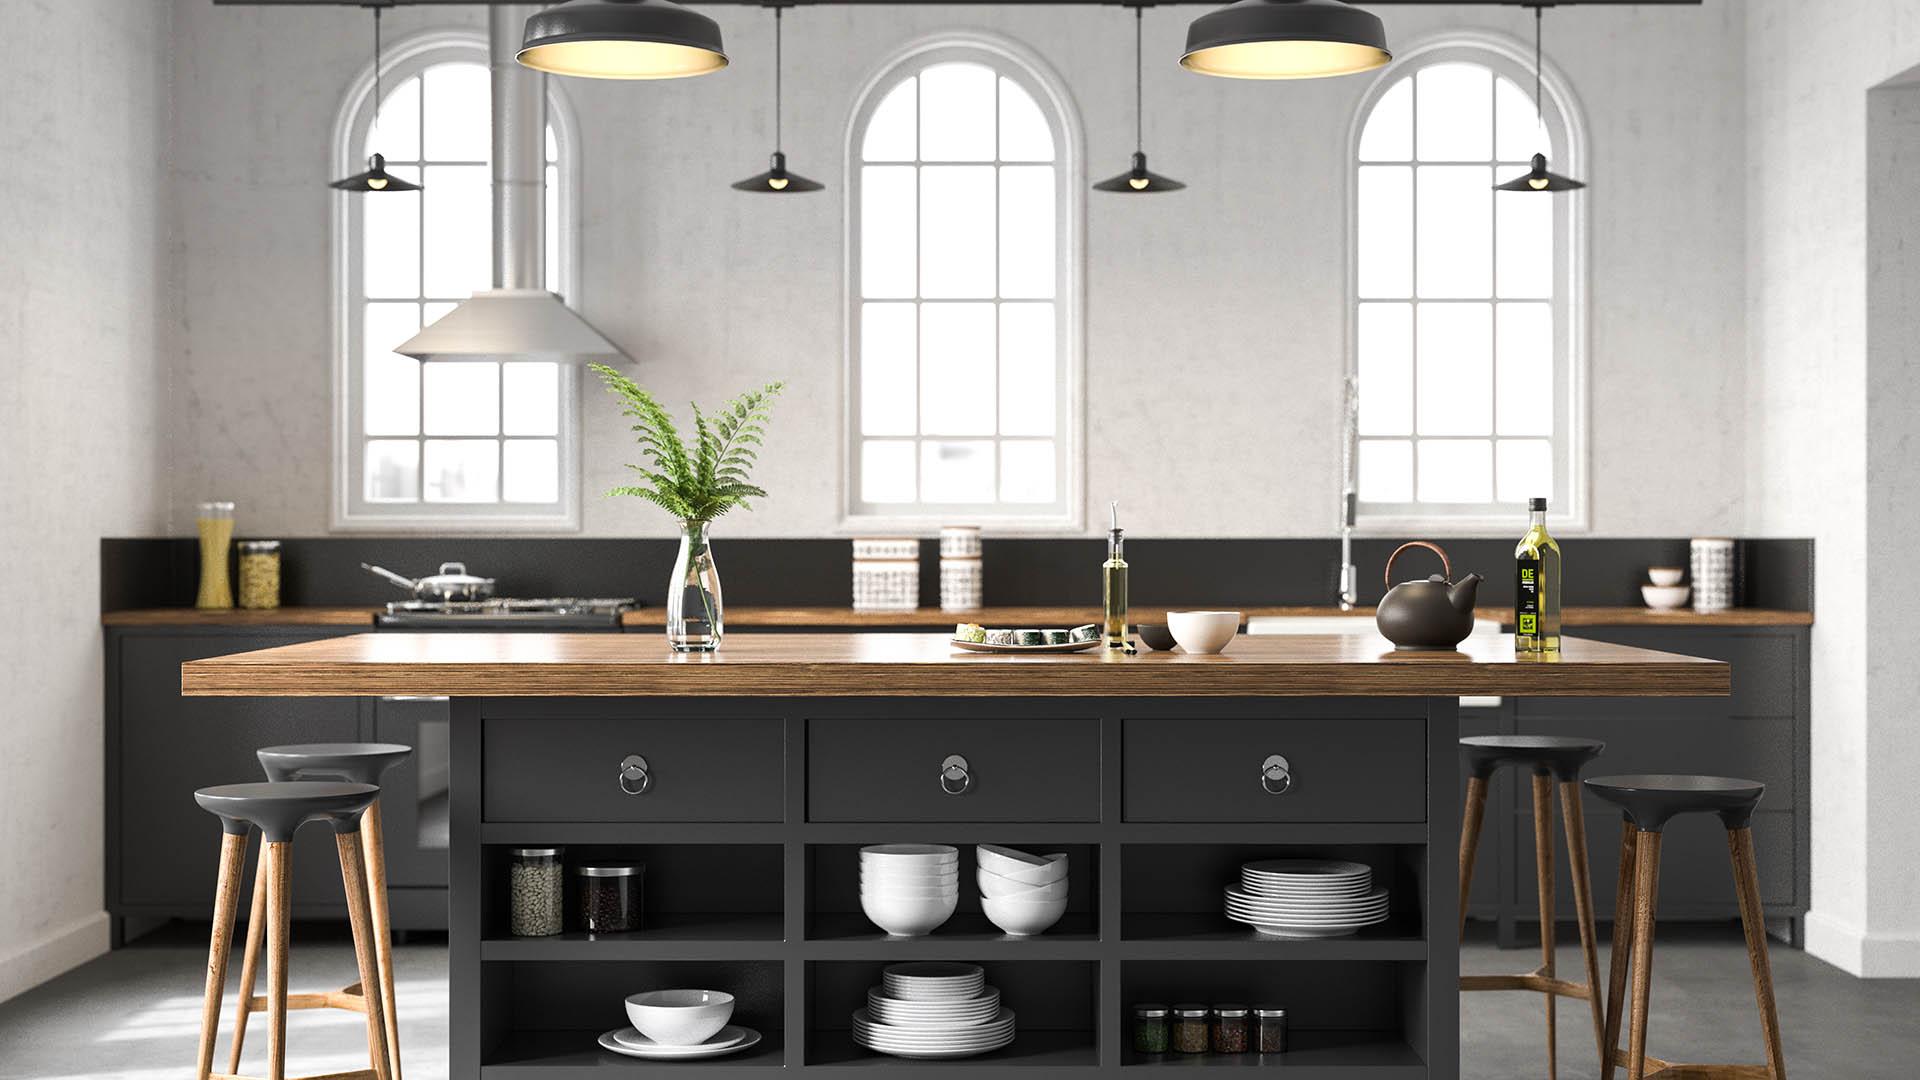 Décoration cuisine - Décoration Paré